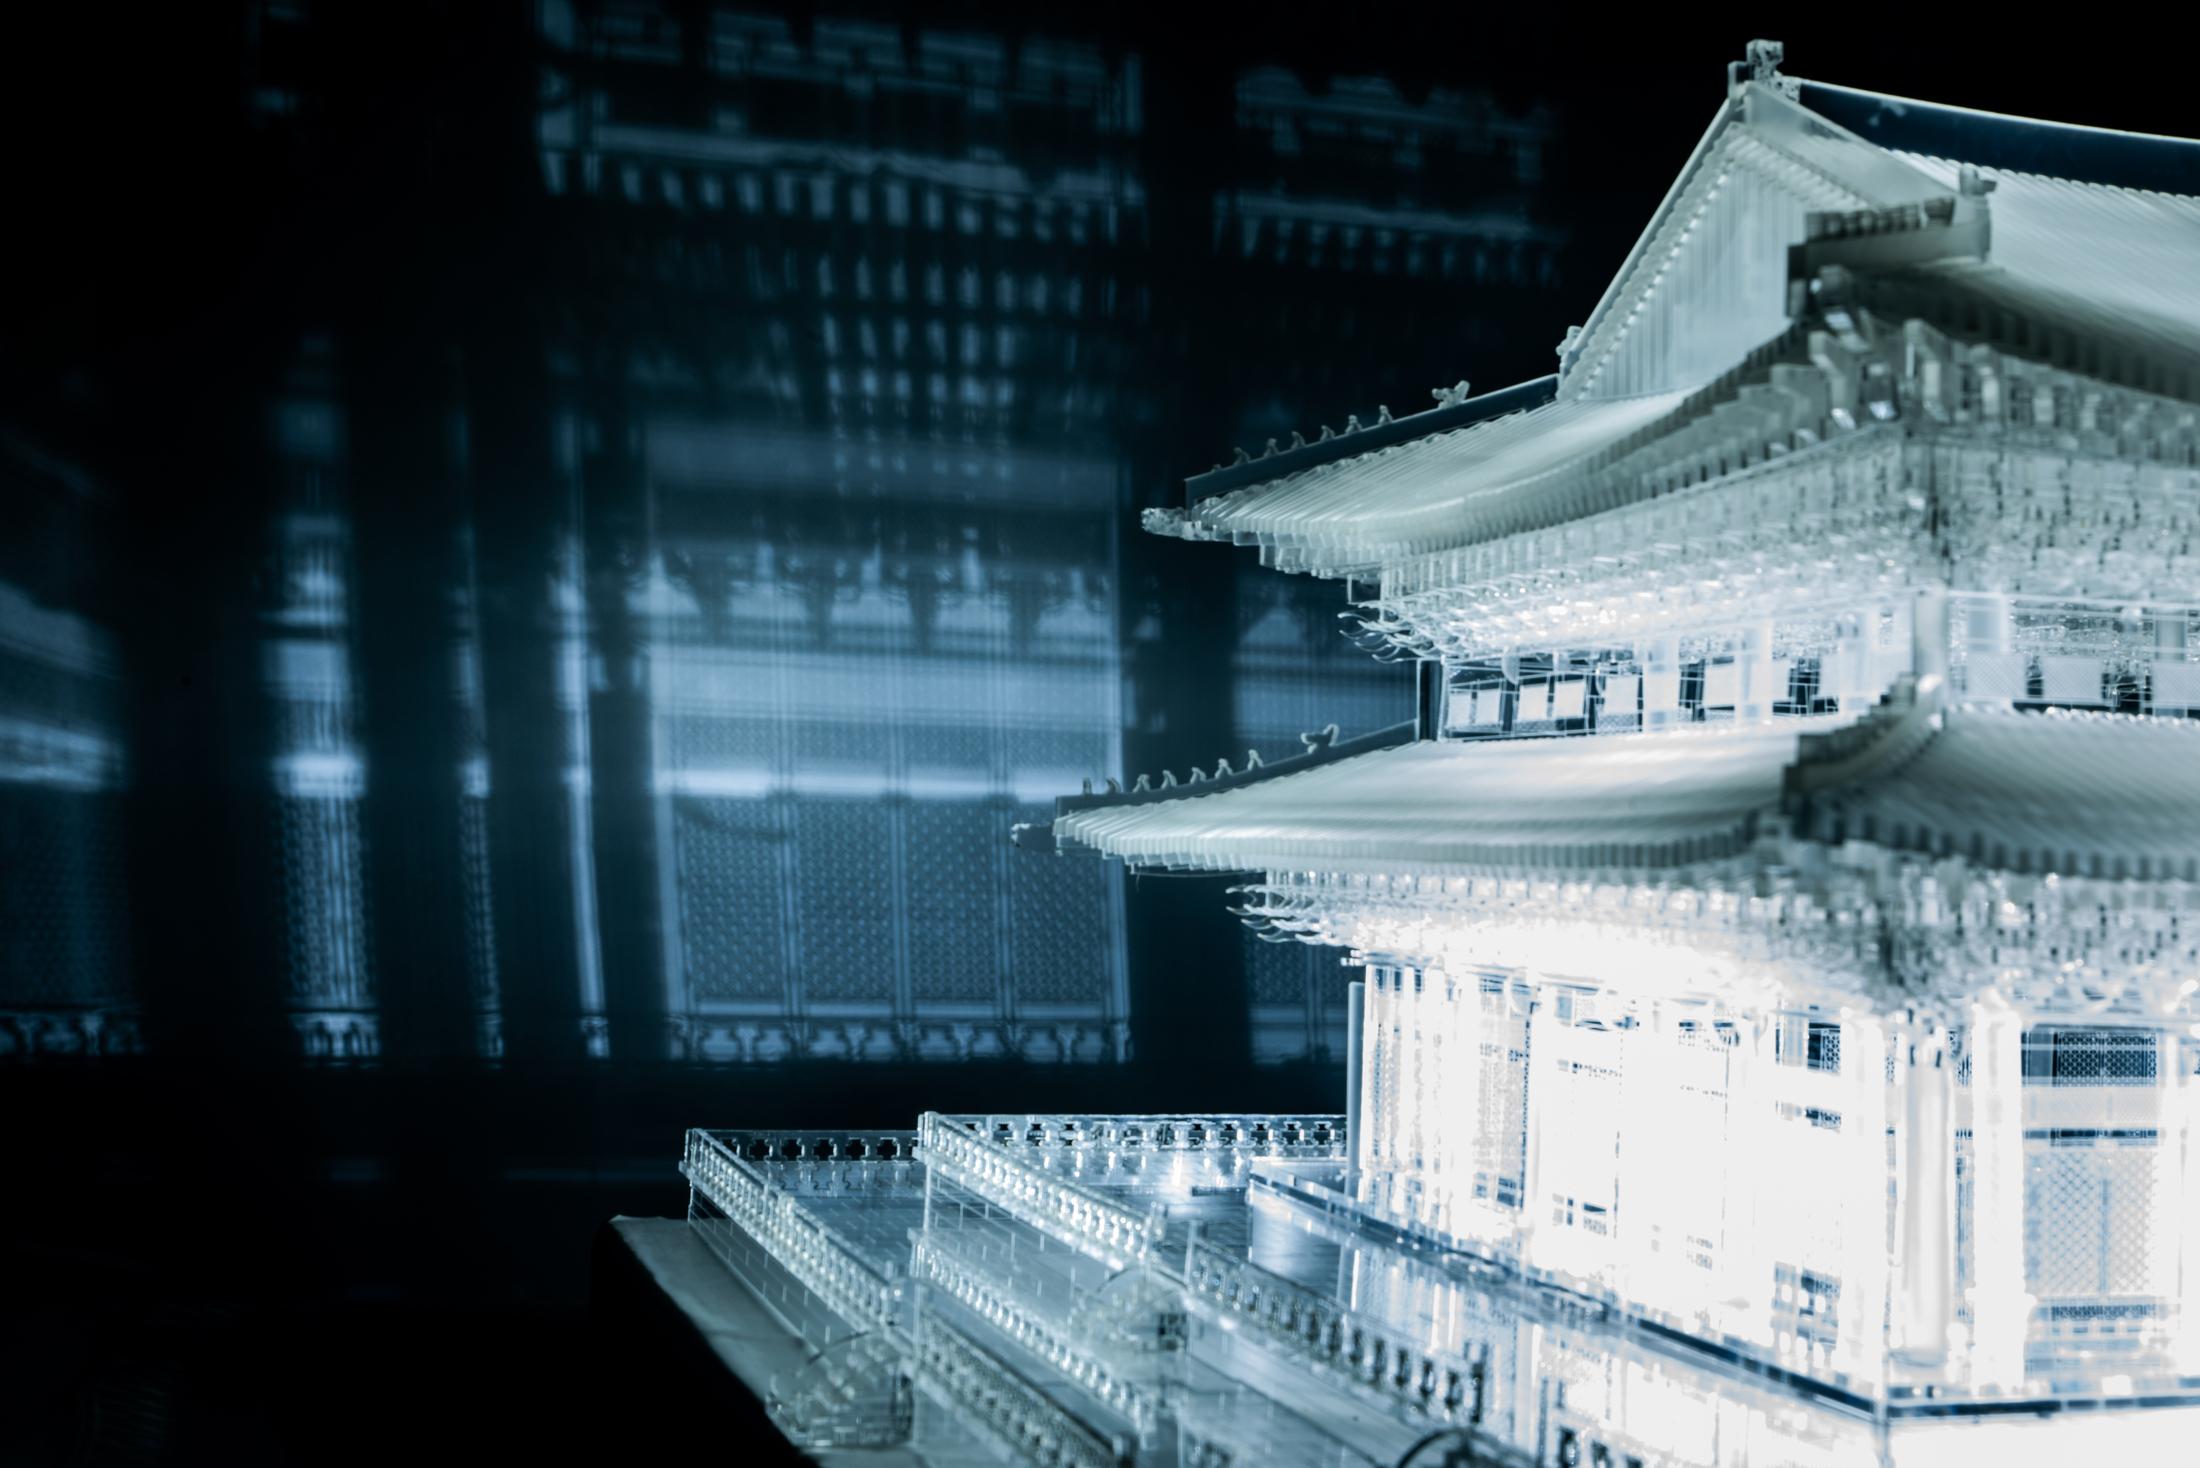 한국건축의 美, 광장 전시 프로젝트 #1 : 광화문 광장